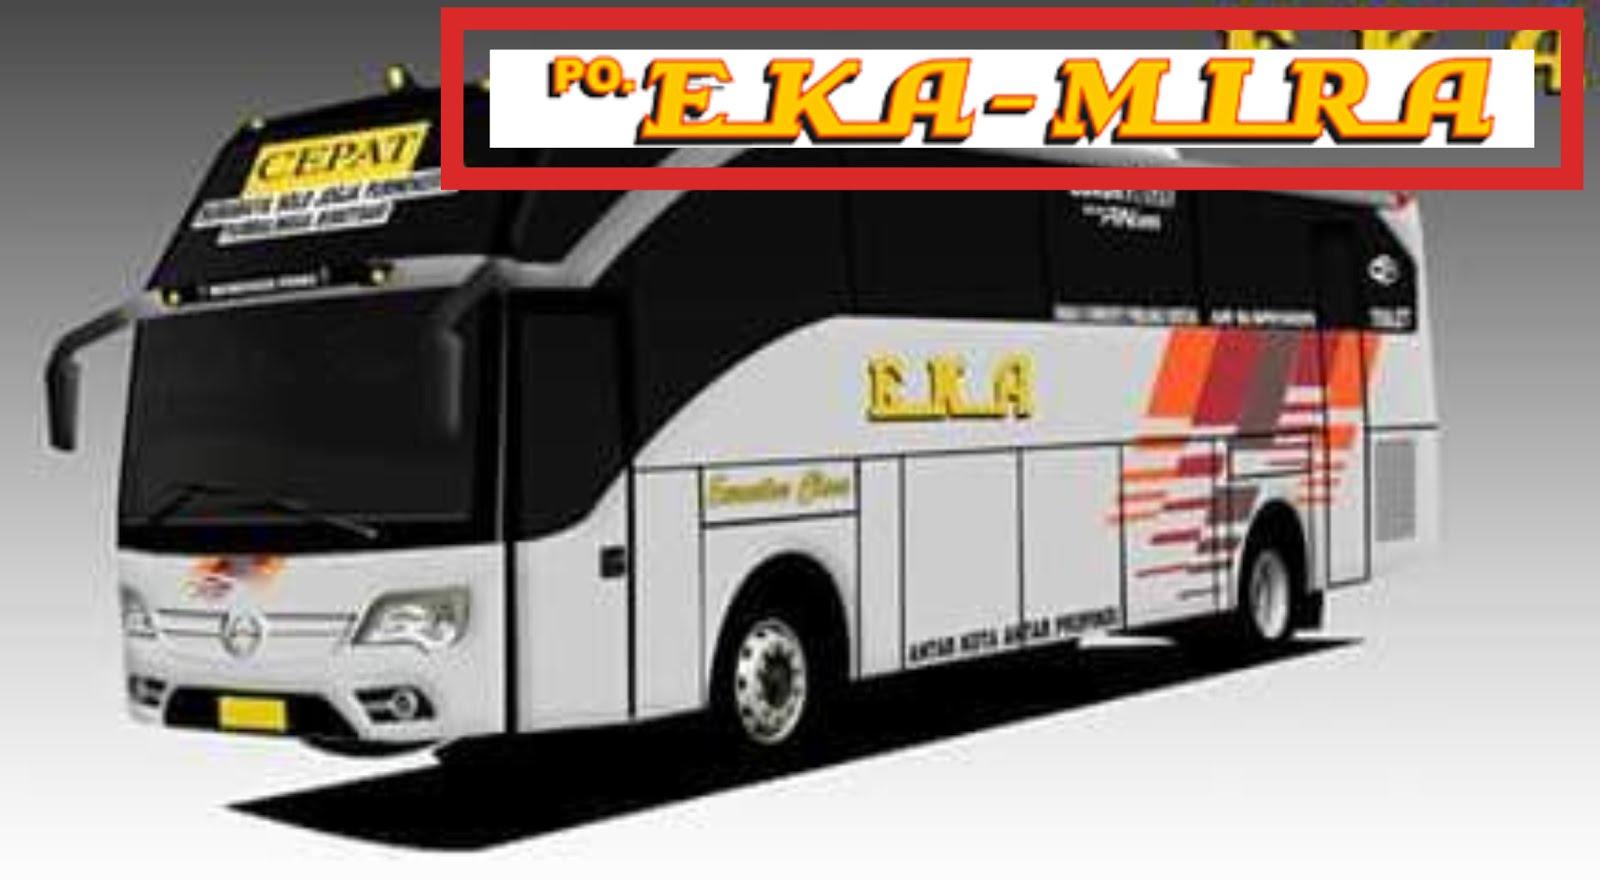 Eka-Mira